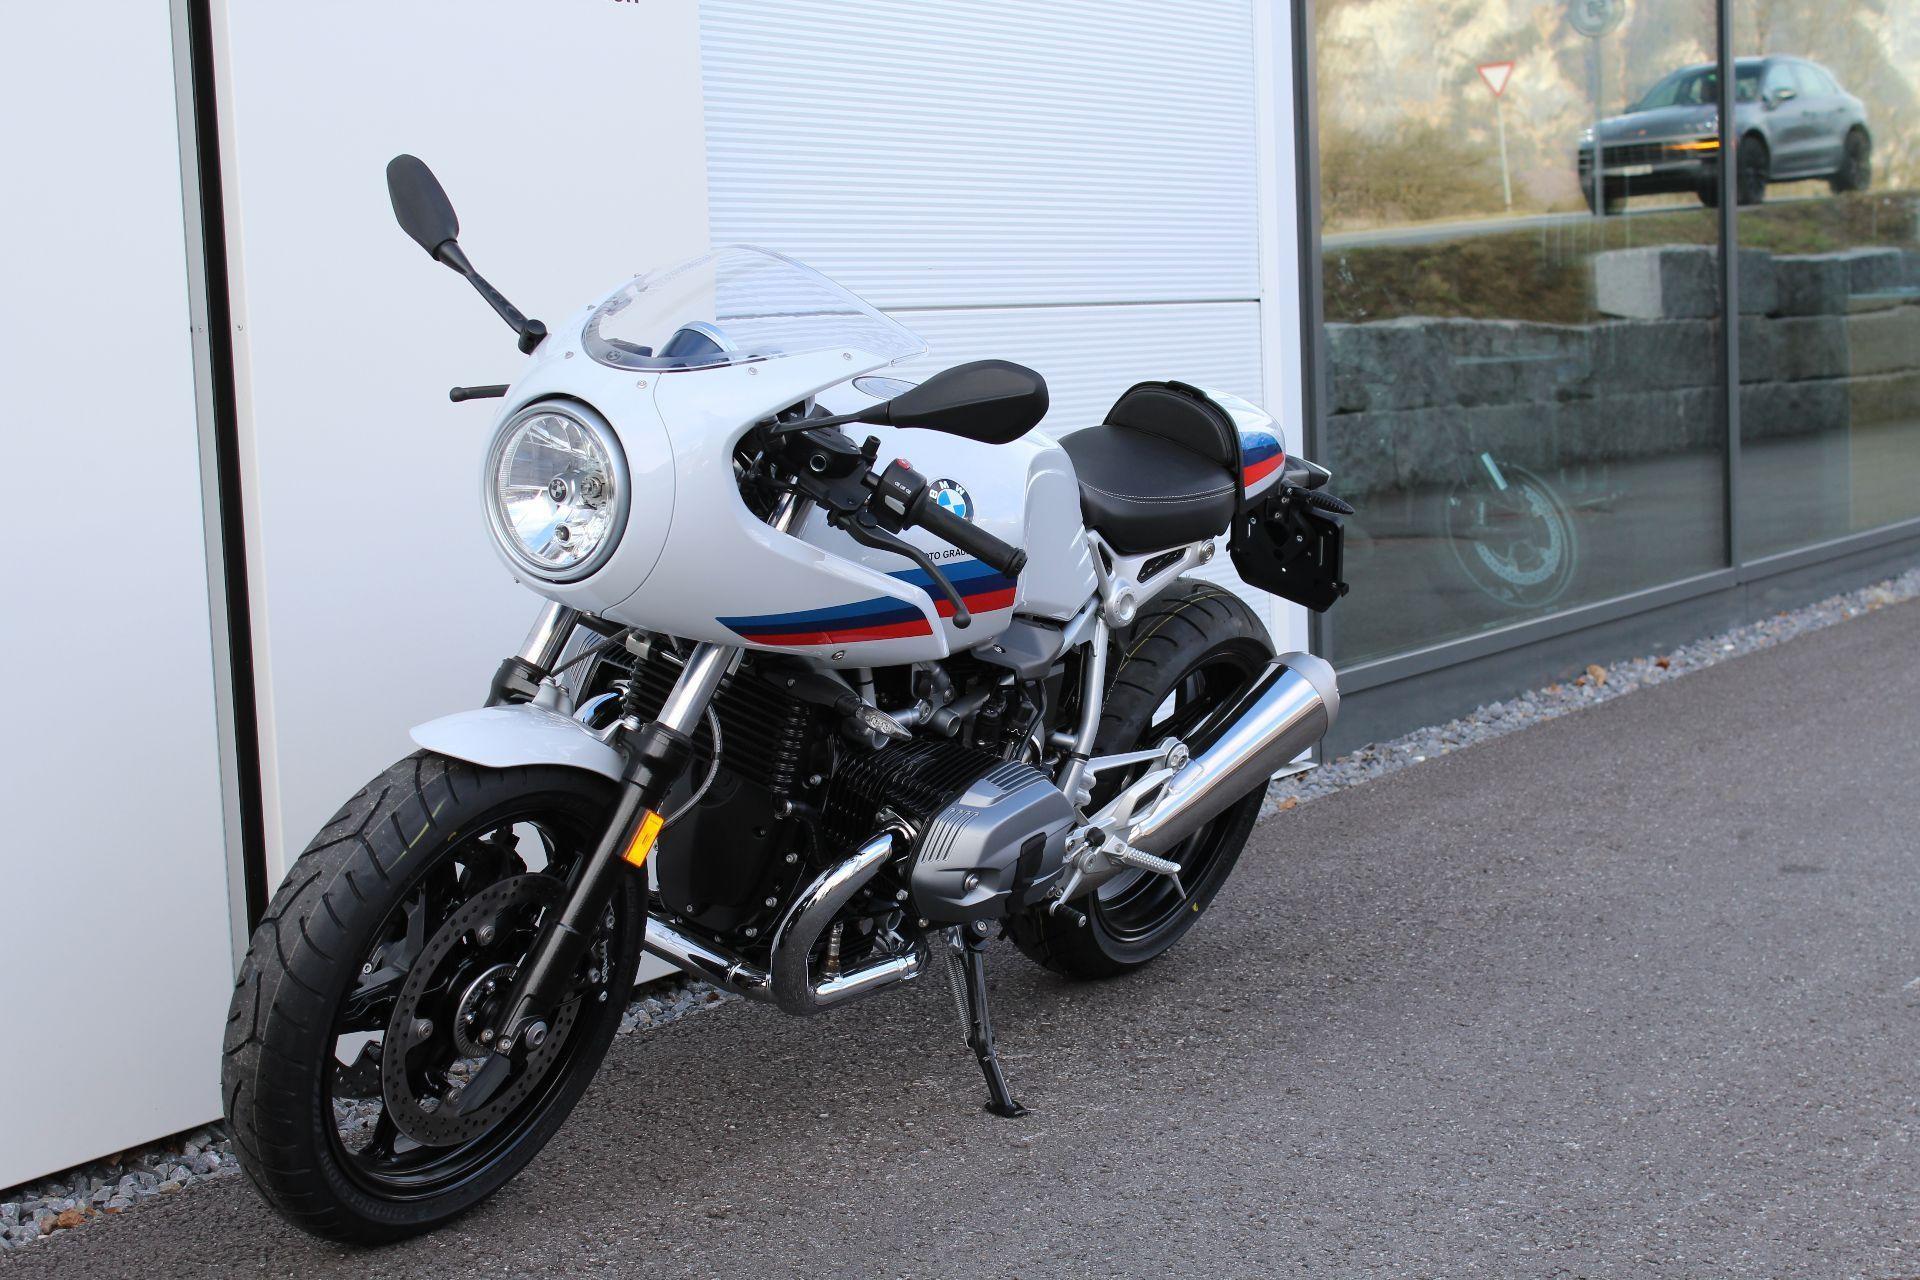 motorrad vorf hrmodell kaufen bmw r nine t racer abs moto graub nden maienfeld. Black Bedroom Furniture Sets. Home Design Ideas